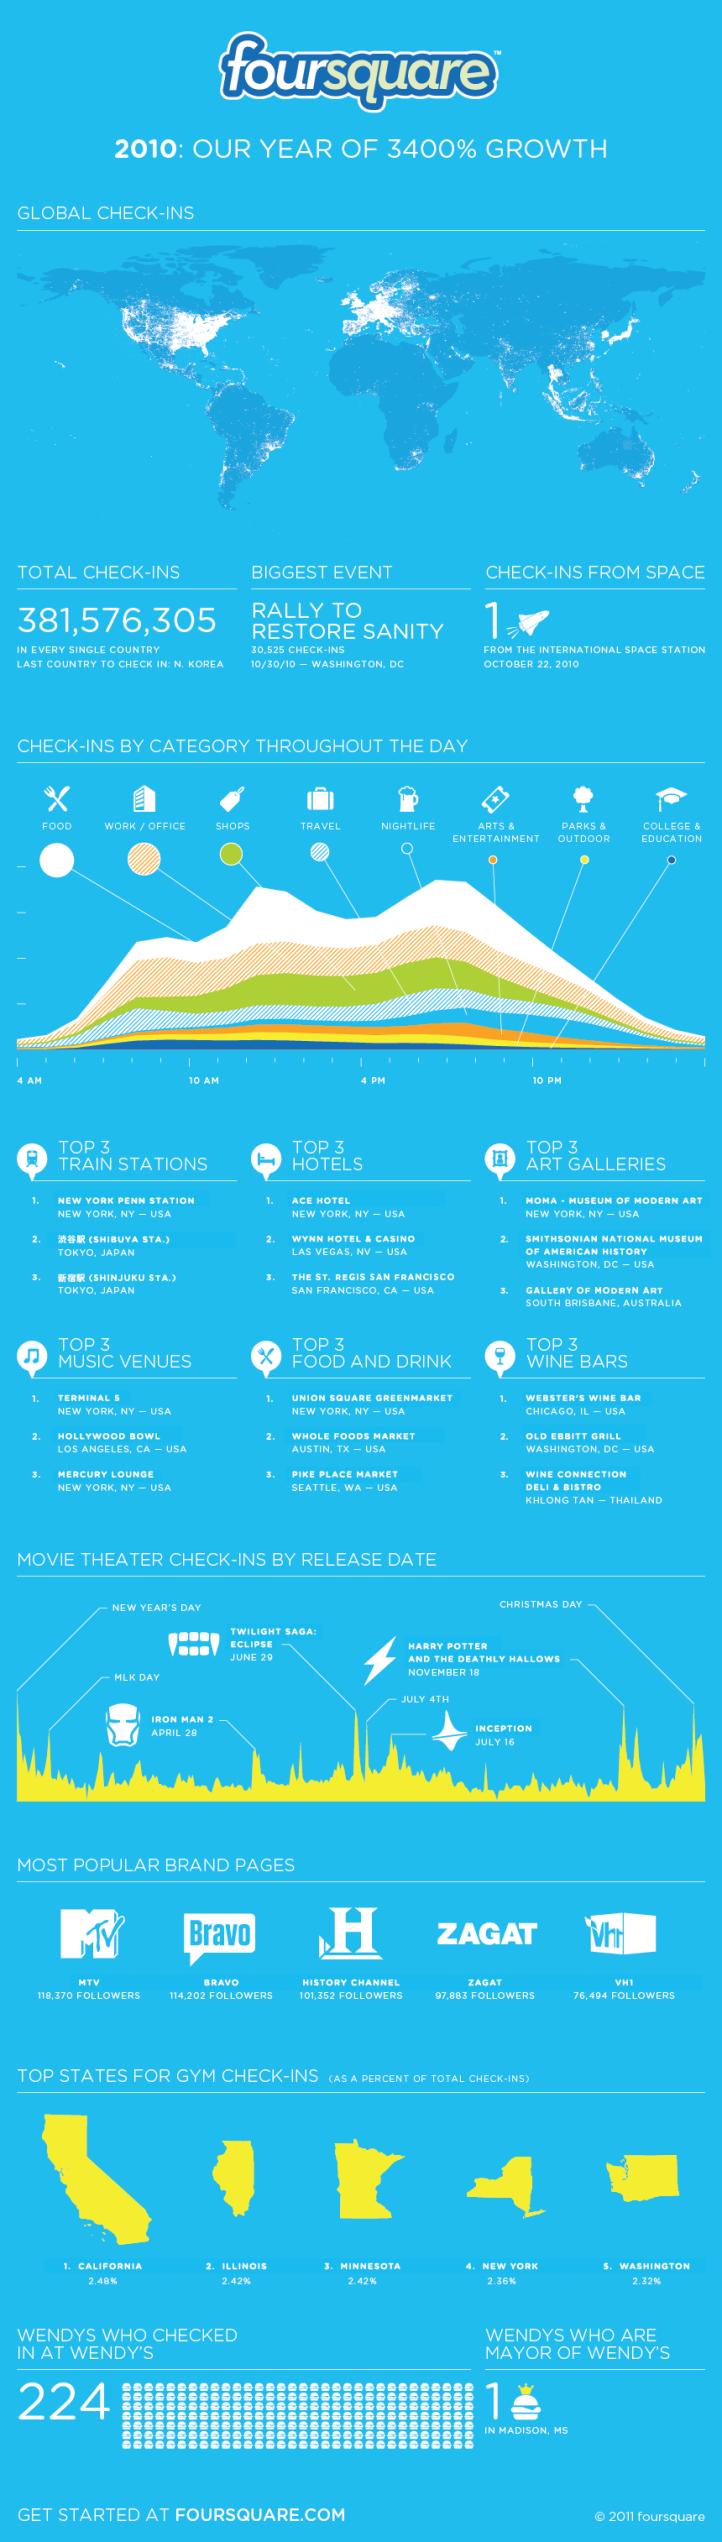 Foursquare 2010 Infographic